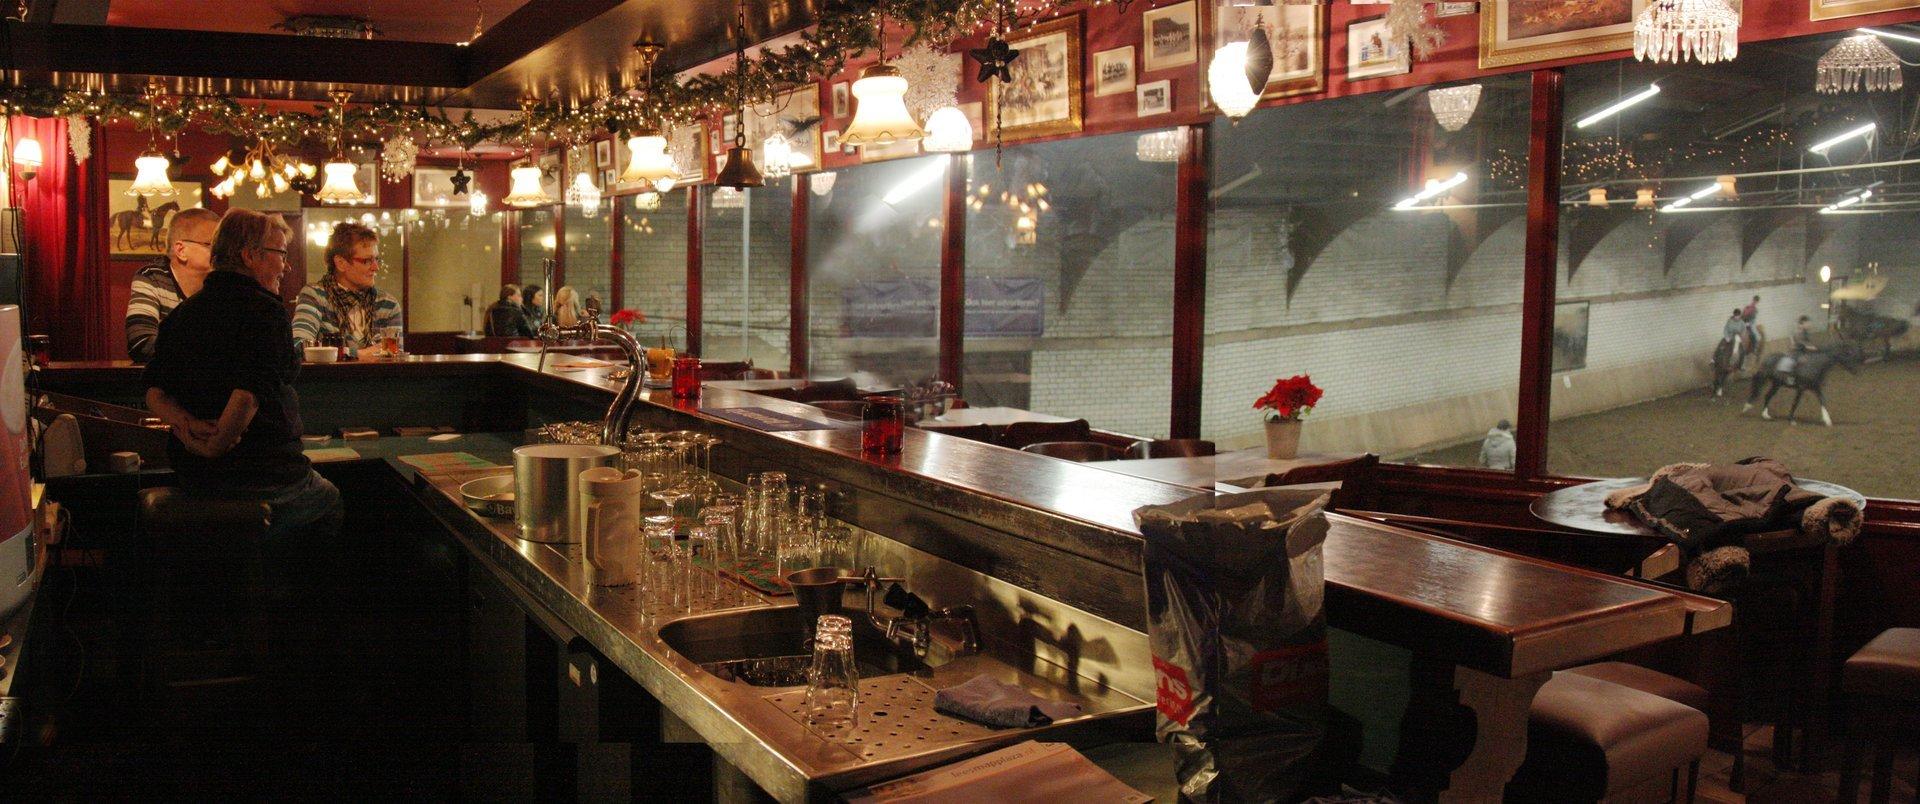 gezellige bar / kantine met uitzicht op de rijbak